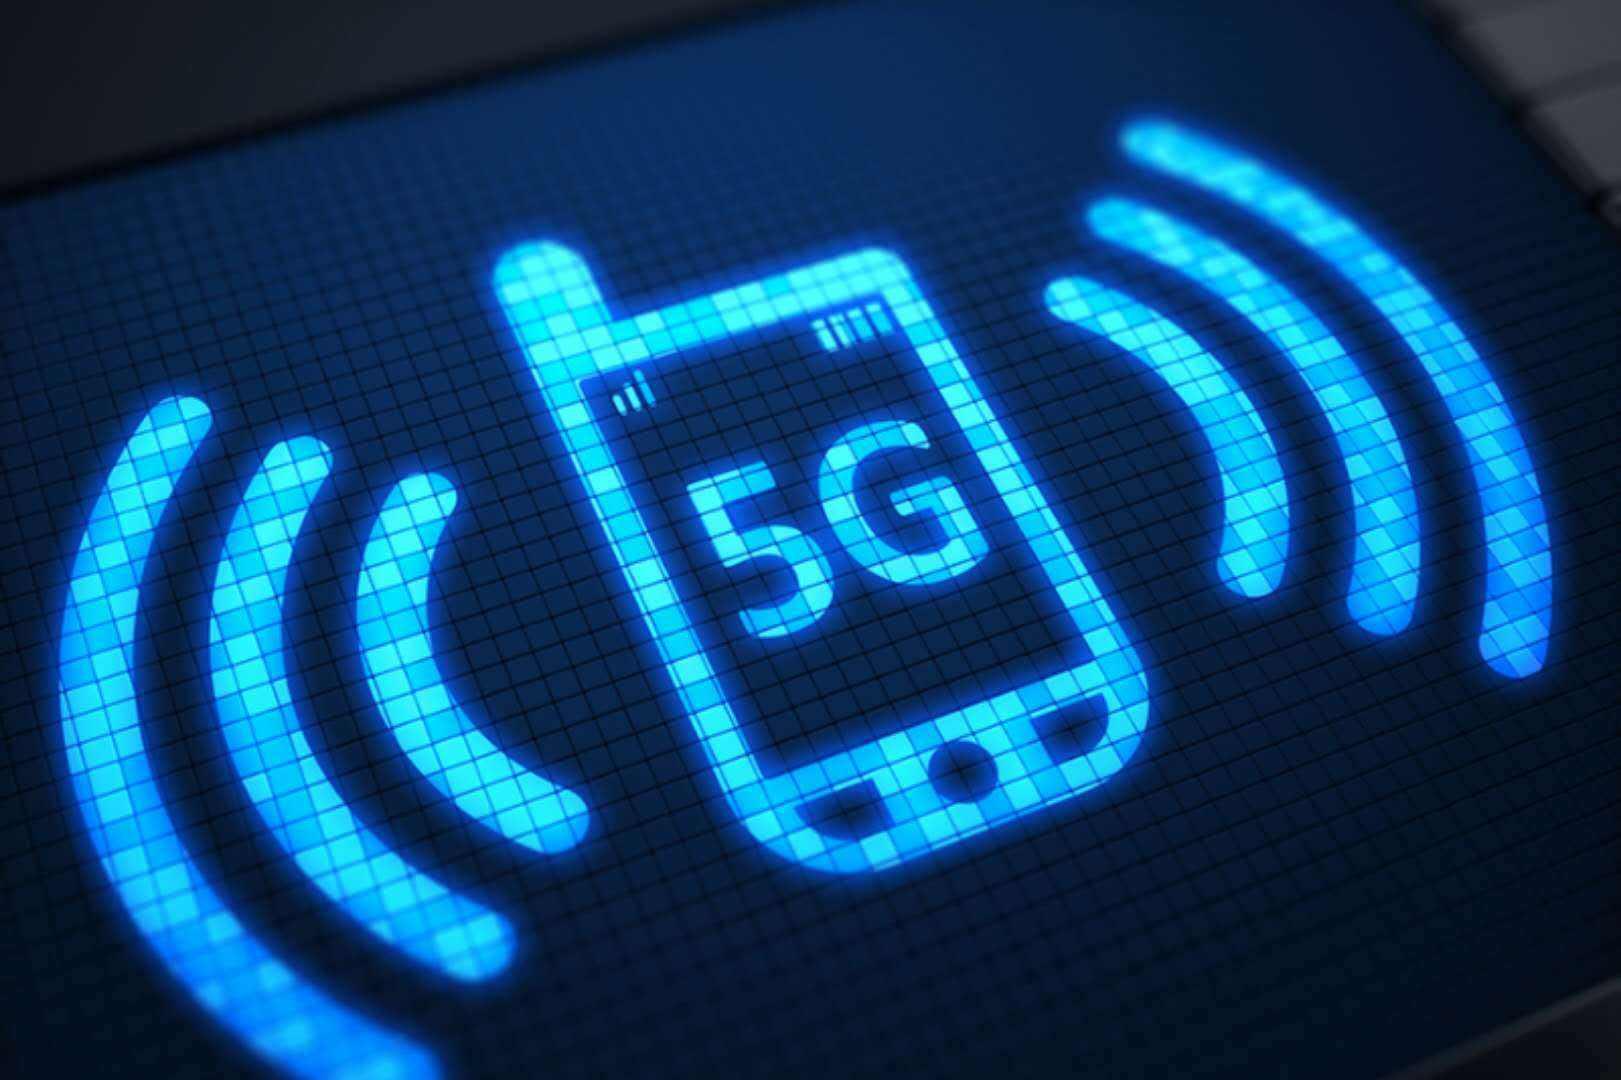 运营商抓紧推进5G基站布局 年底前北京5G基站将超万个